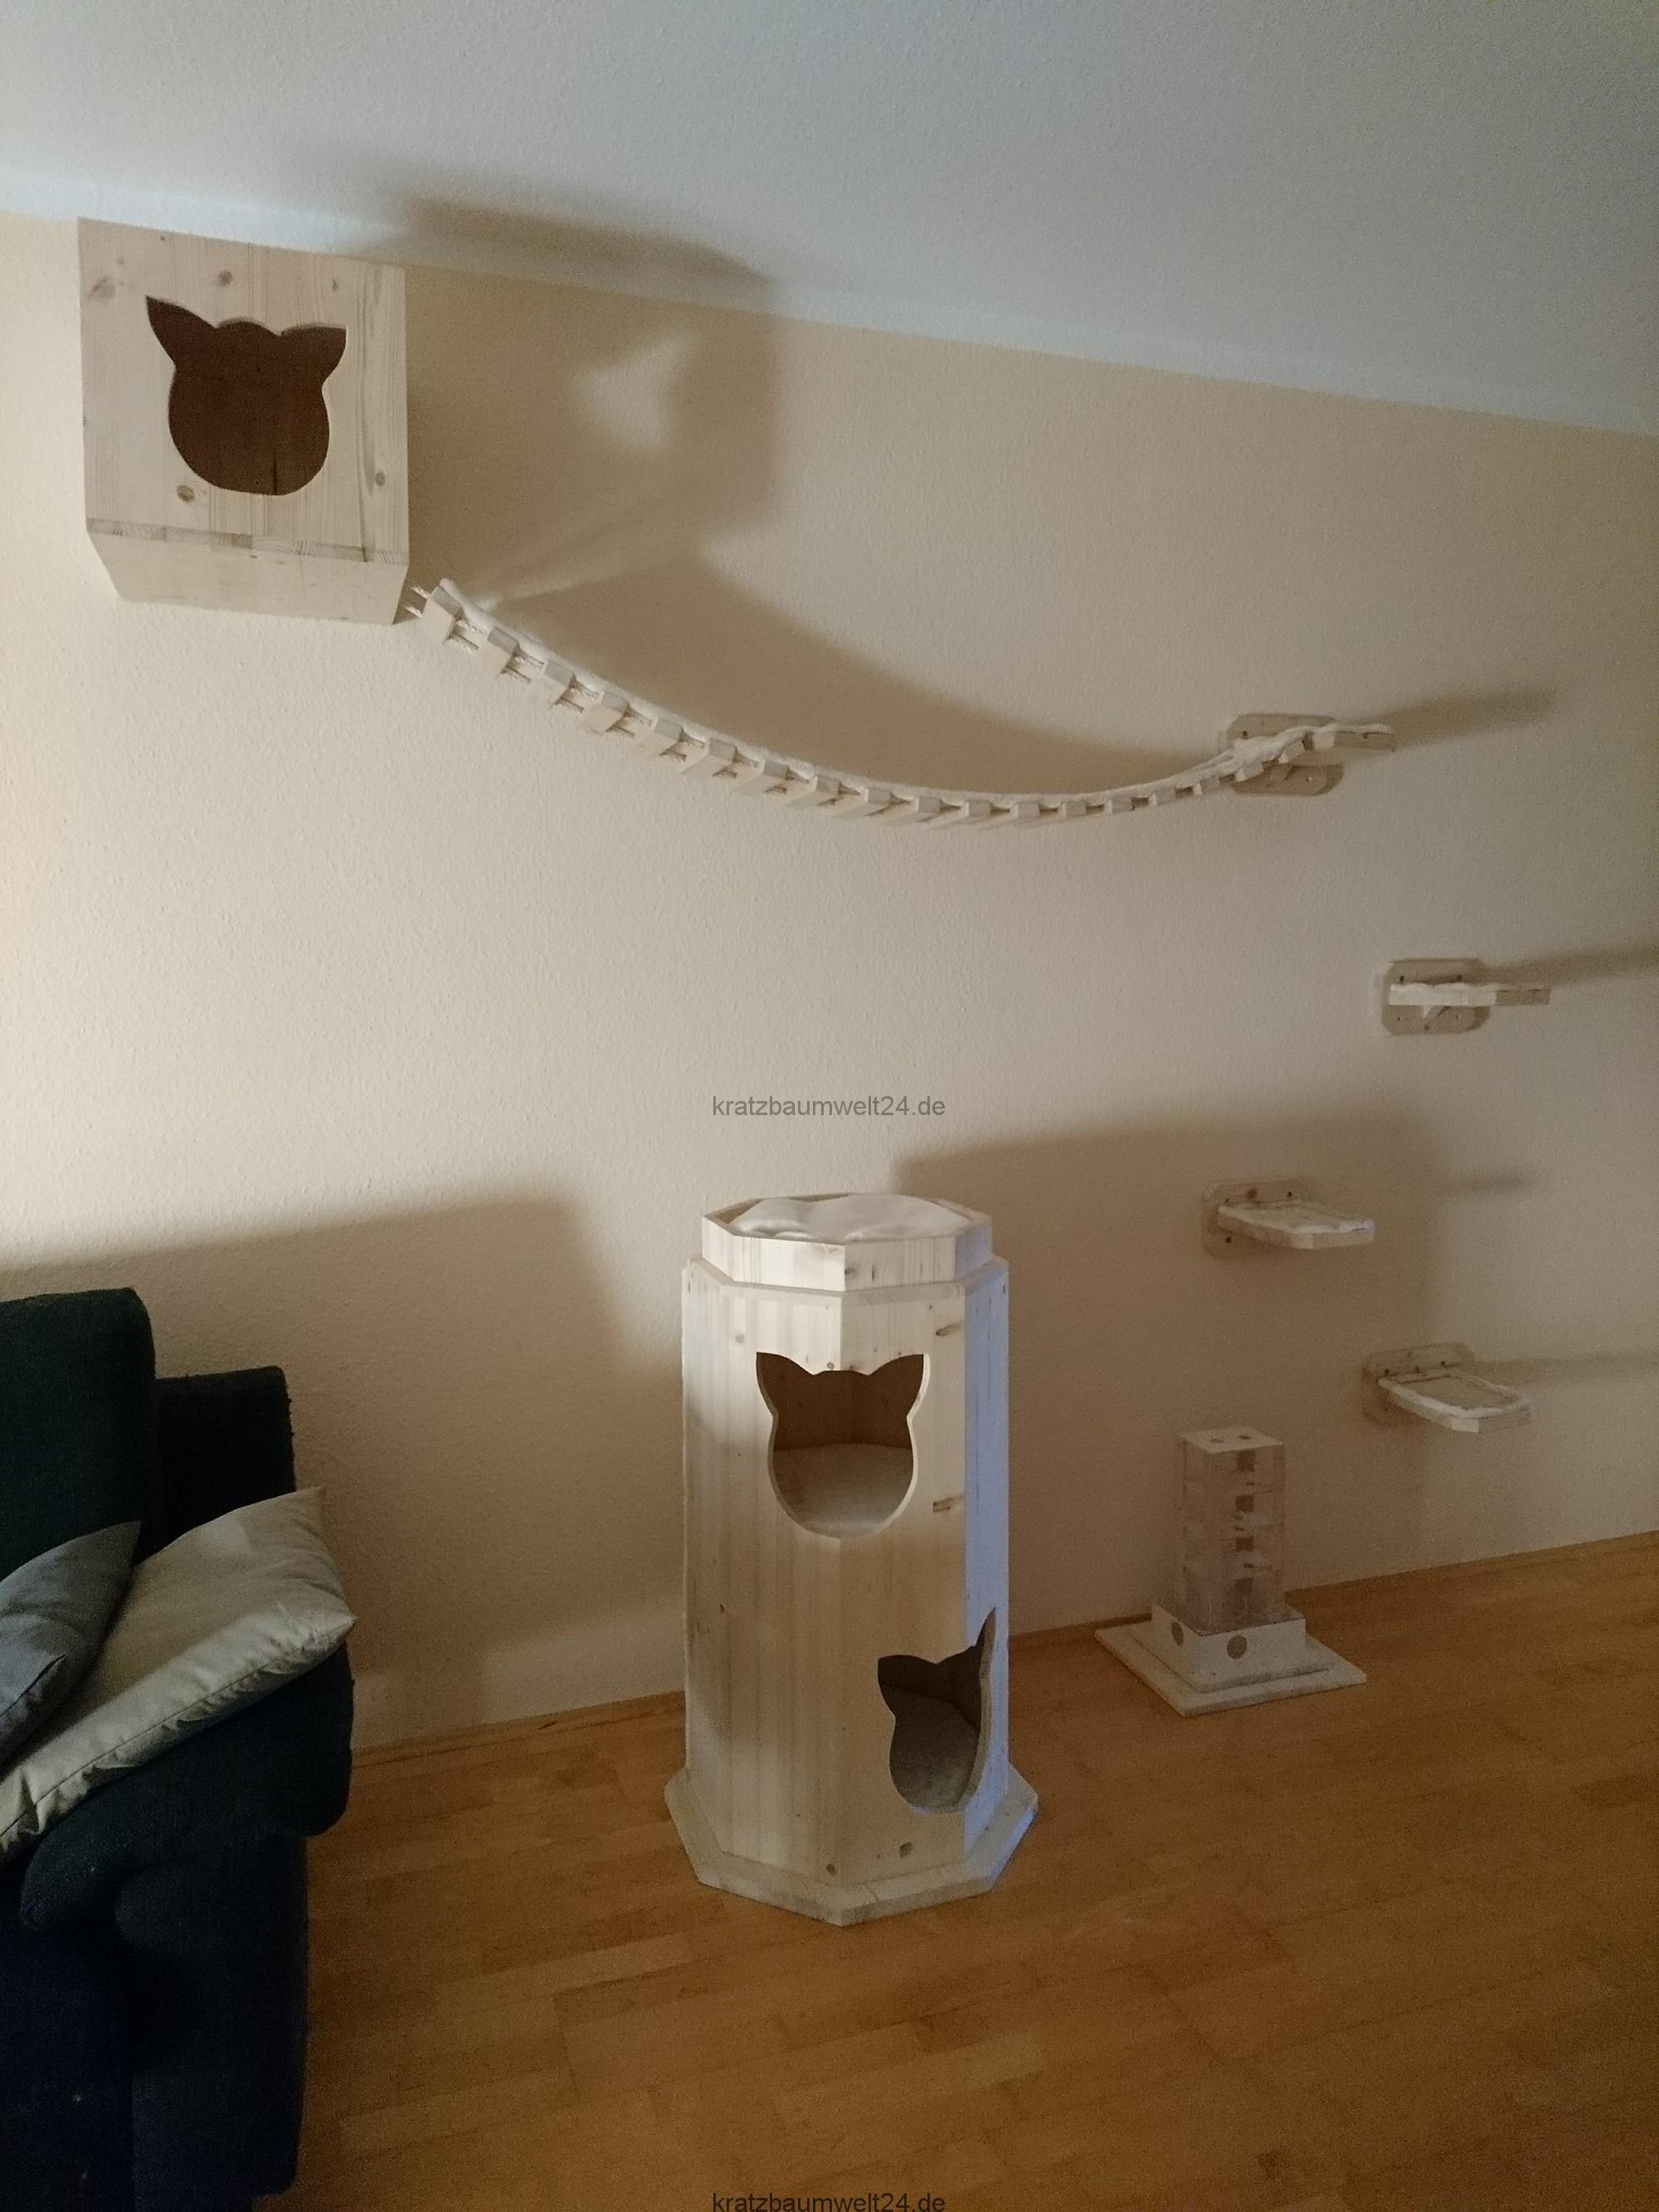 kletterlandschaft kletterparadies f r katzen xxl kratztonne exklusive anfertigungen f r katzen. Black Bedroom Furniture Sets. Home Design Ideas